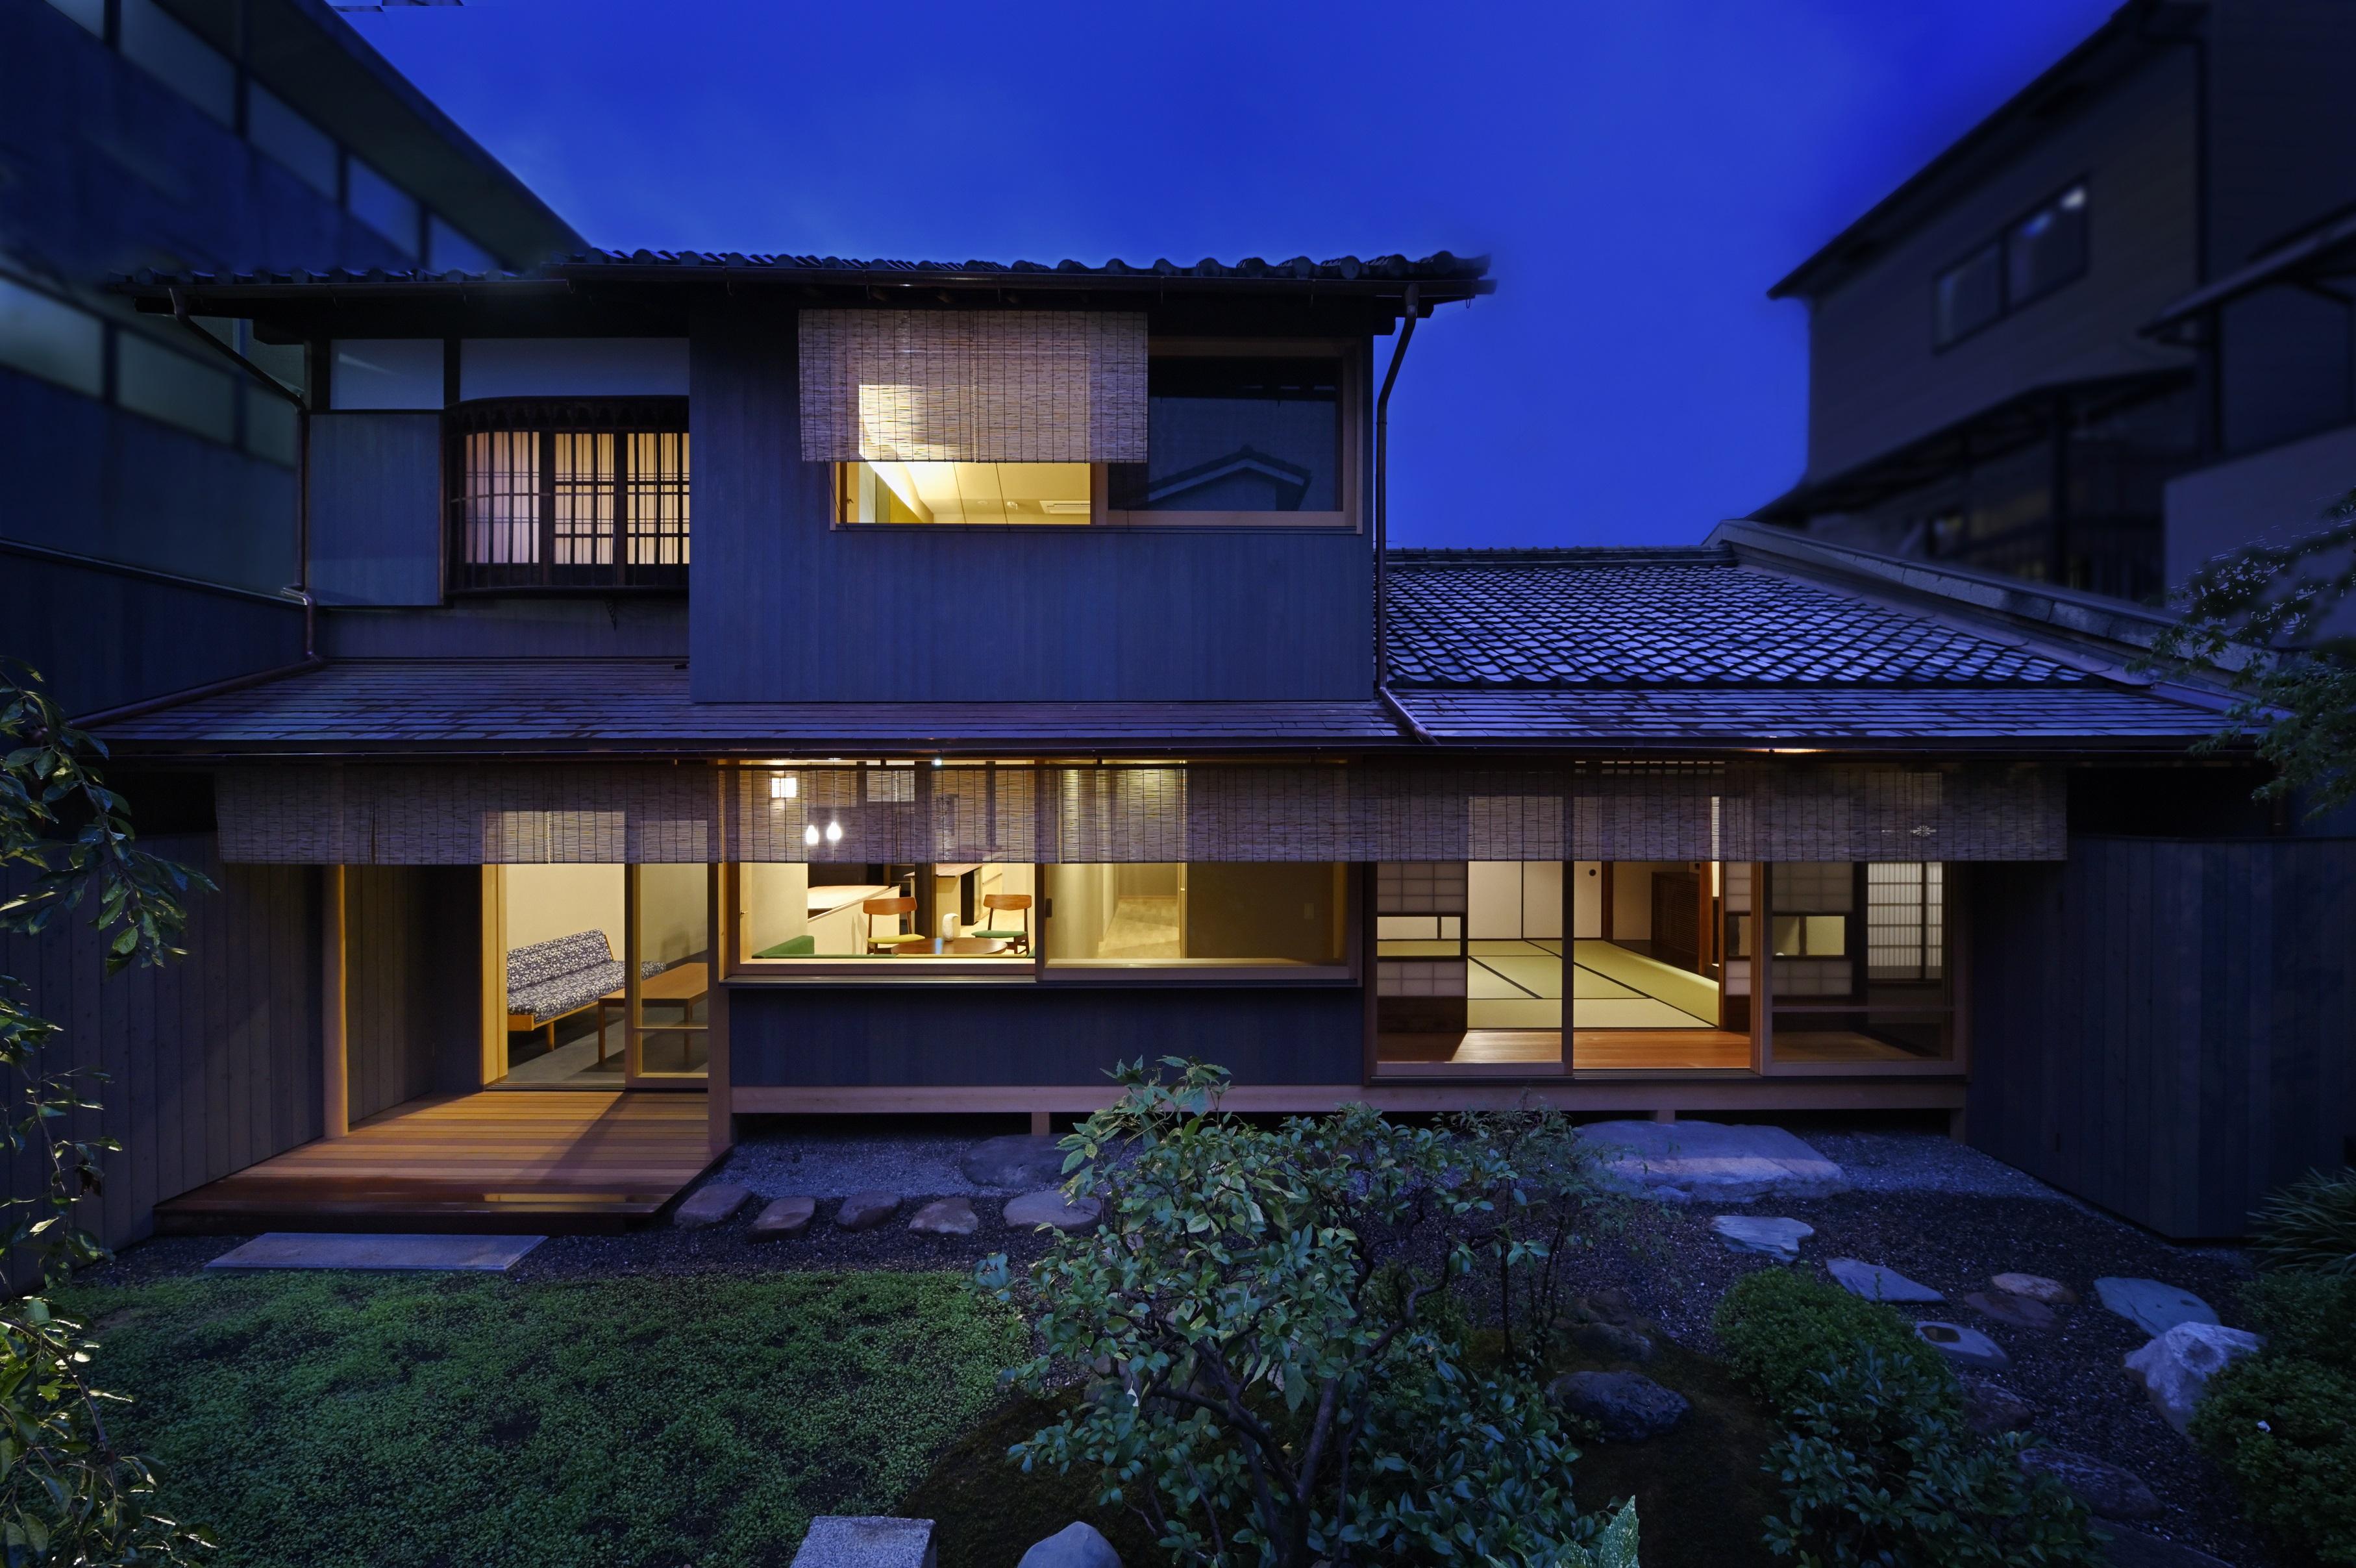 京の温所 西陣別邸(にしじんべってい)宿泊 kyoto accommodation hotel